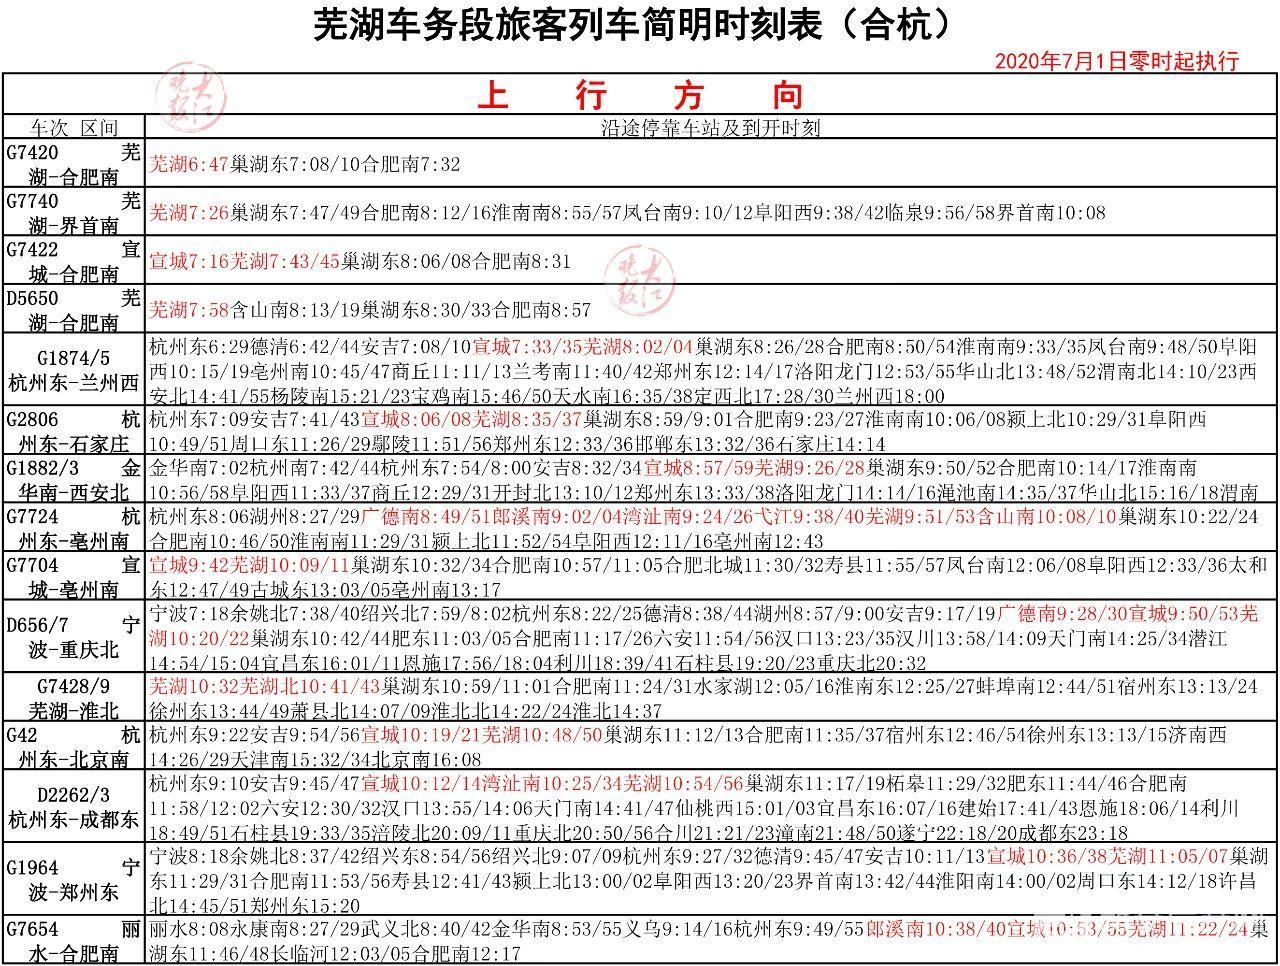 沪汉蓉时刻表_宣城高铁时刻表来了!来看看有你想去的城市吗?-新安房产网